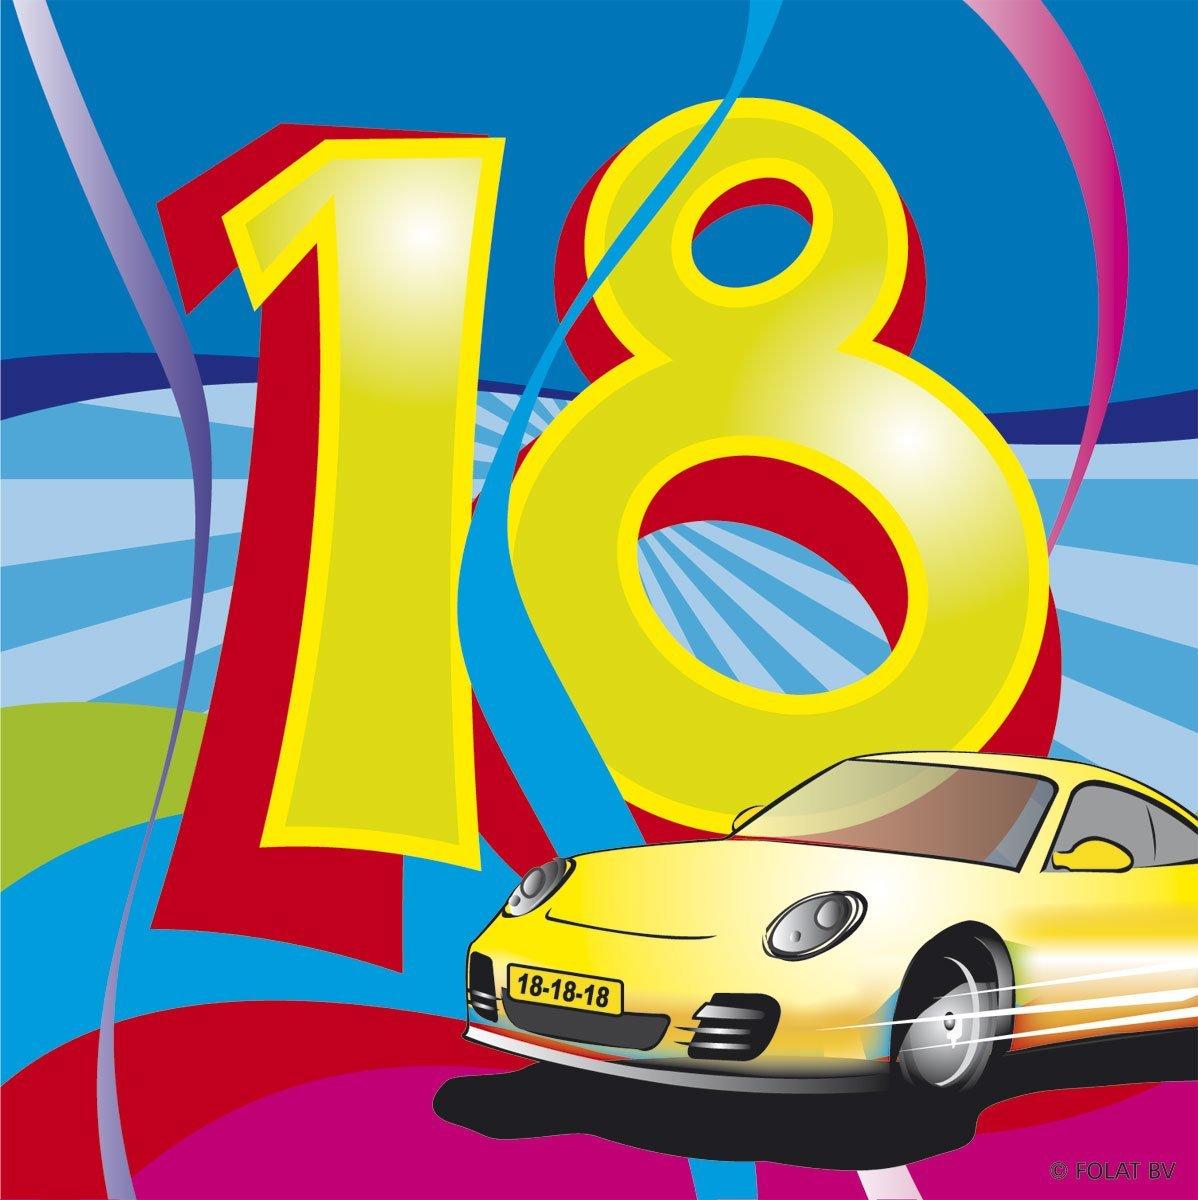 18. Geburtstag Party Servietten bunt von Folat 25 x 25 cm